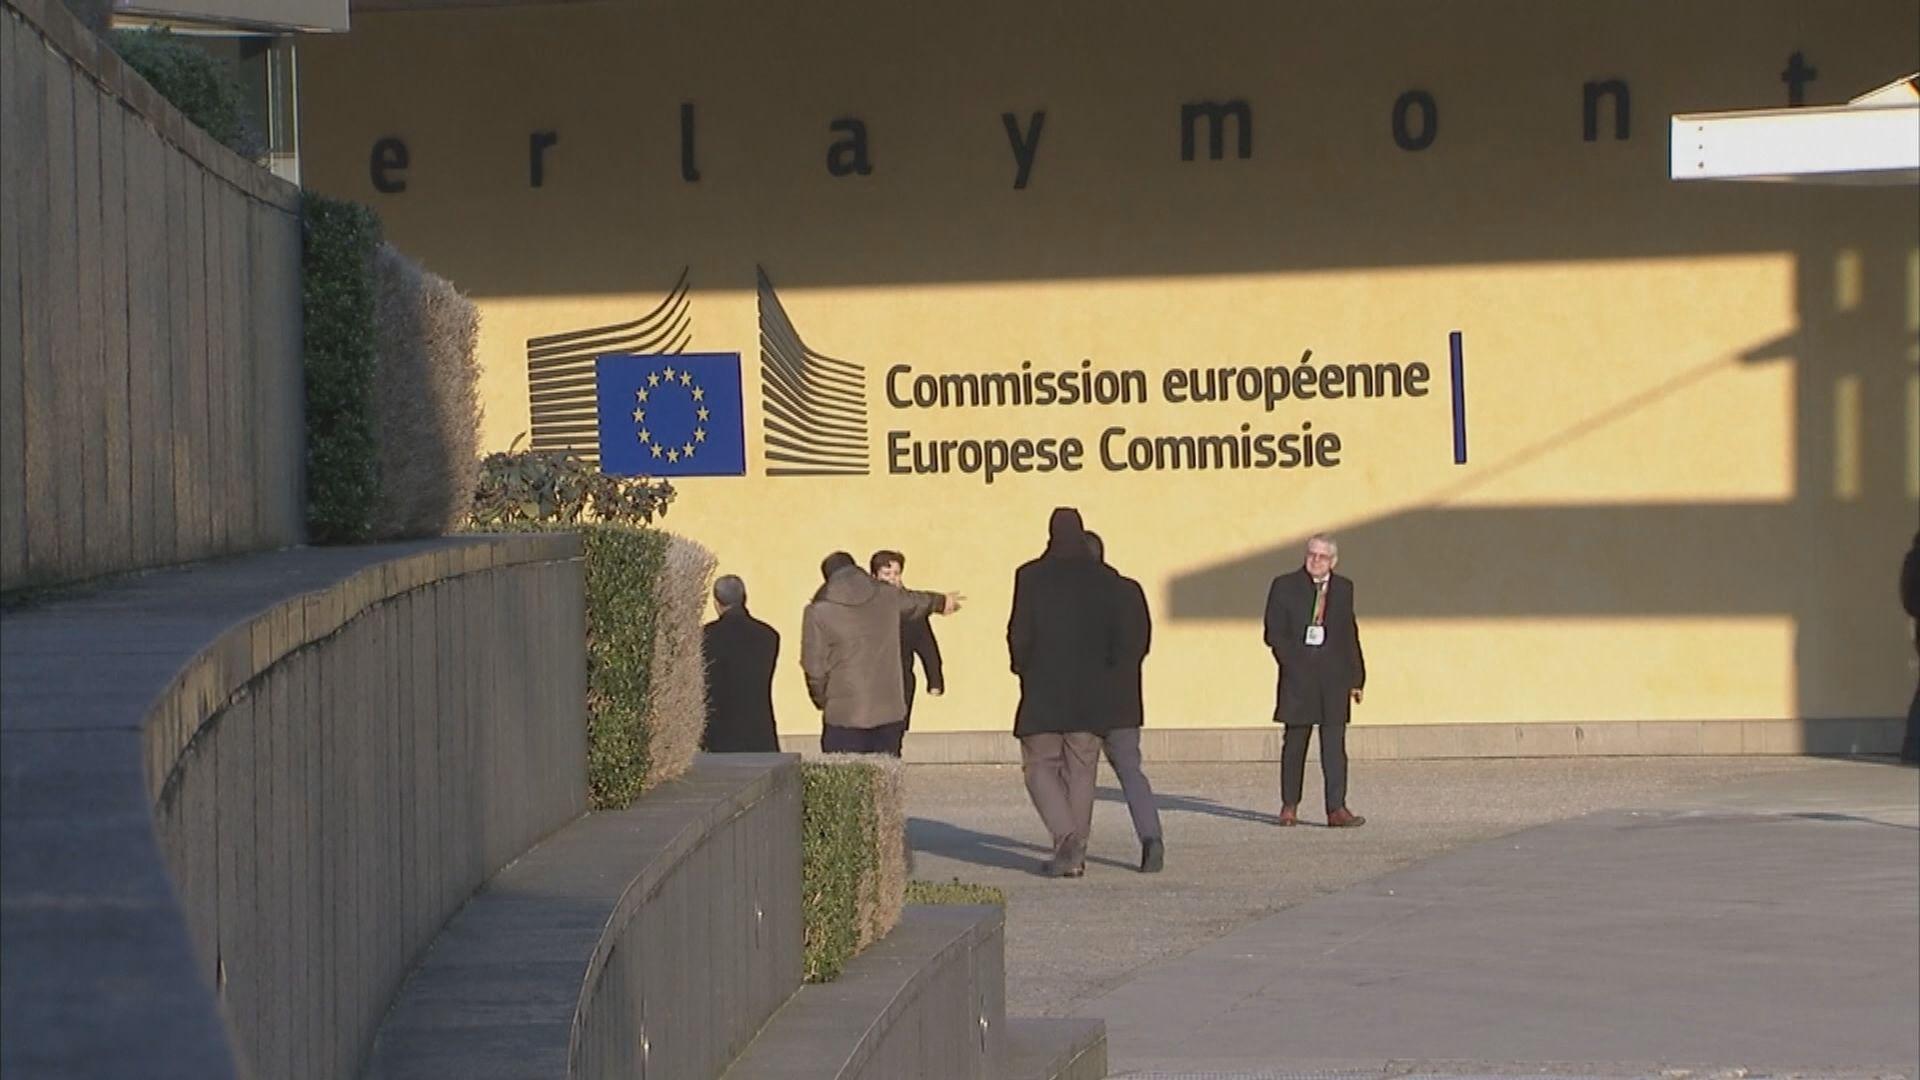 英國延期脫歐須歐盟一致同意